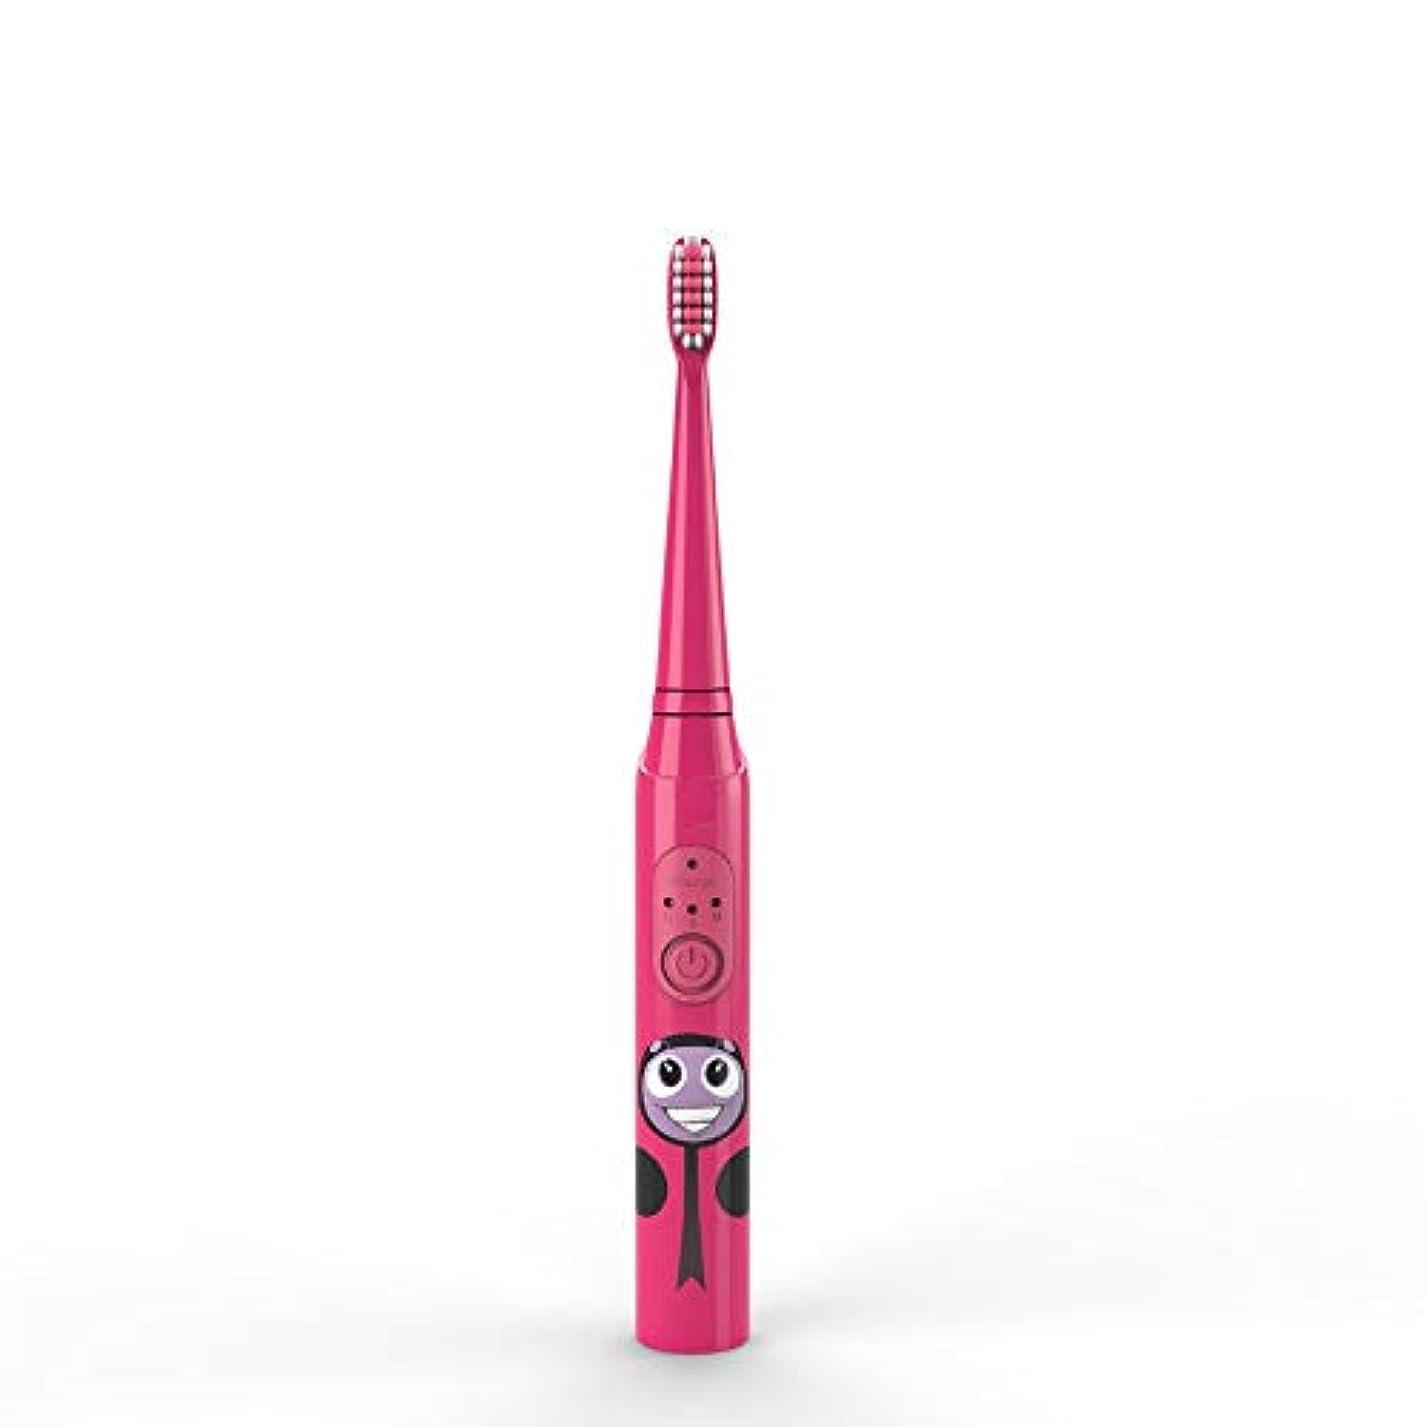 敵意名誉ある学習者電動歯ブラシ 子供の電動歯ブラシUSB充電式保護清潔で柔らかい毛の歯ブラシ日常の使用 大人と子供向け (色 : 赤, サイズ : Free size)